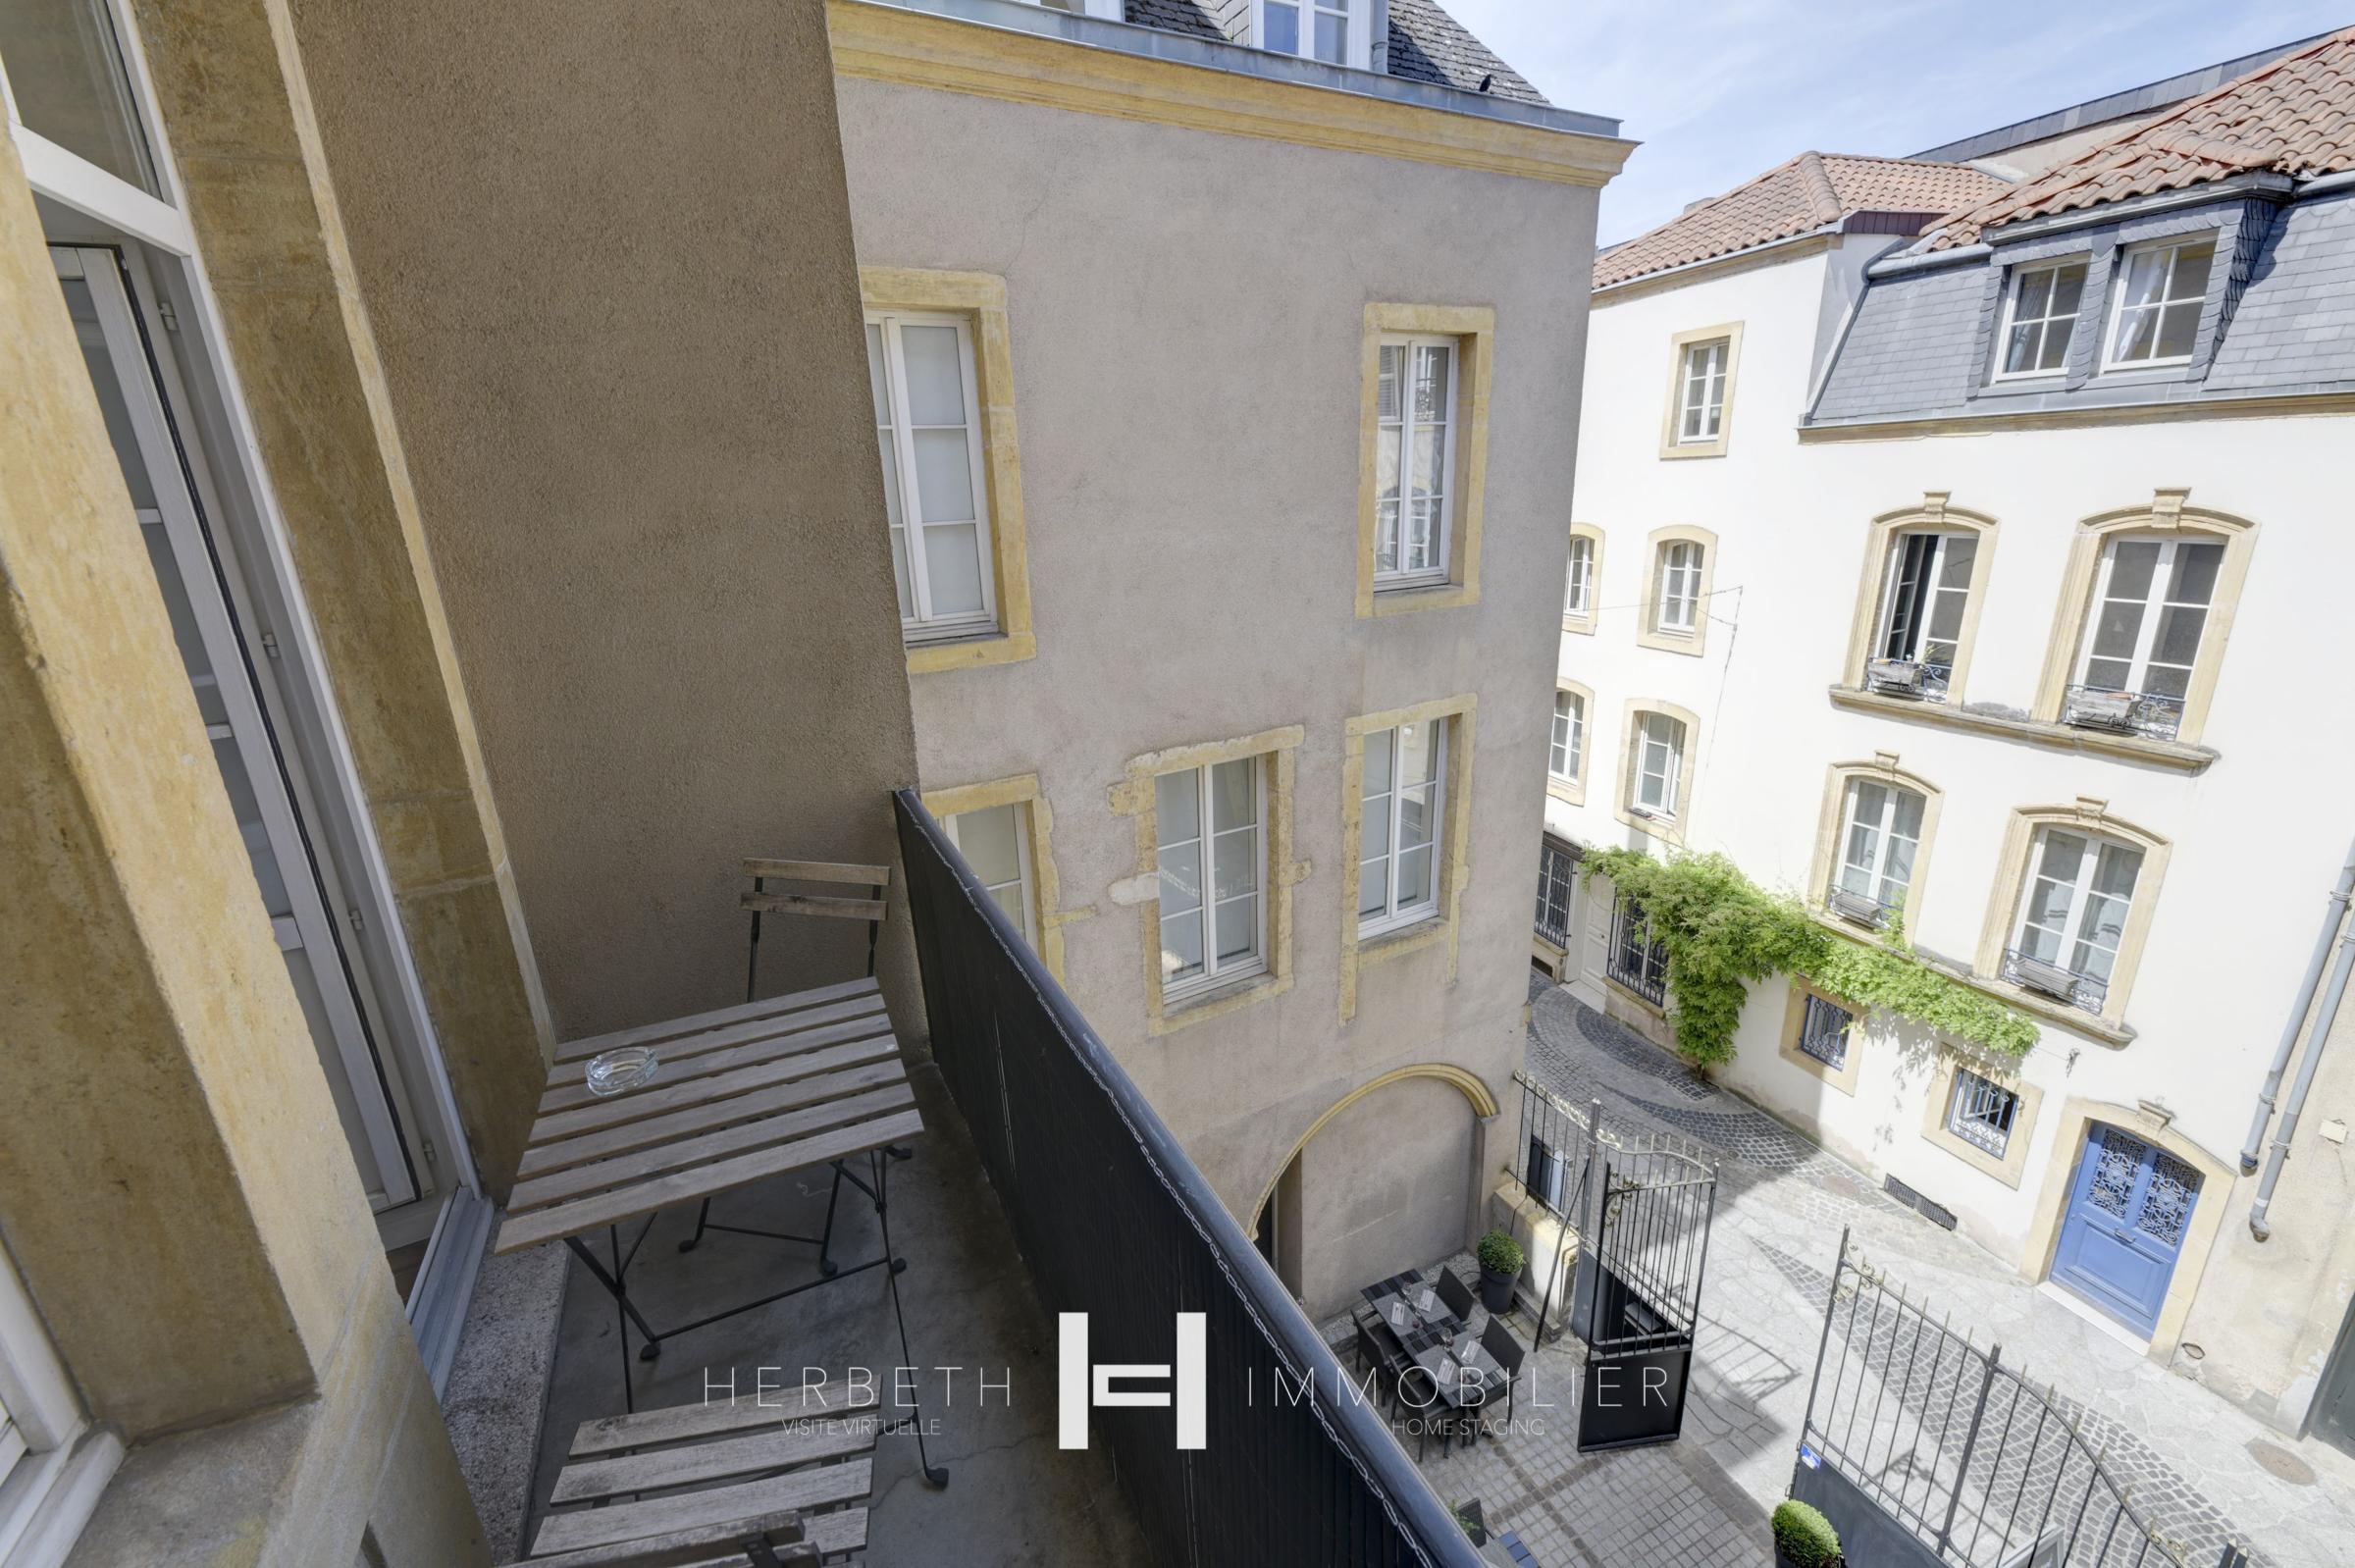 Location saisonnière Appartement meublé Metz 67  3 piéces